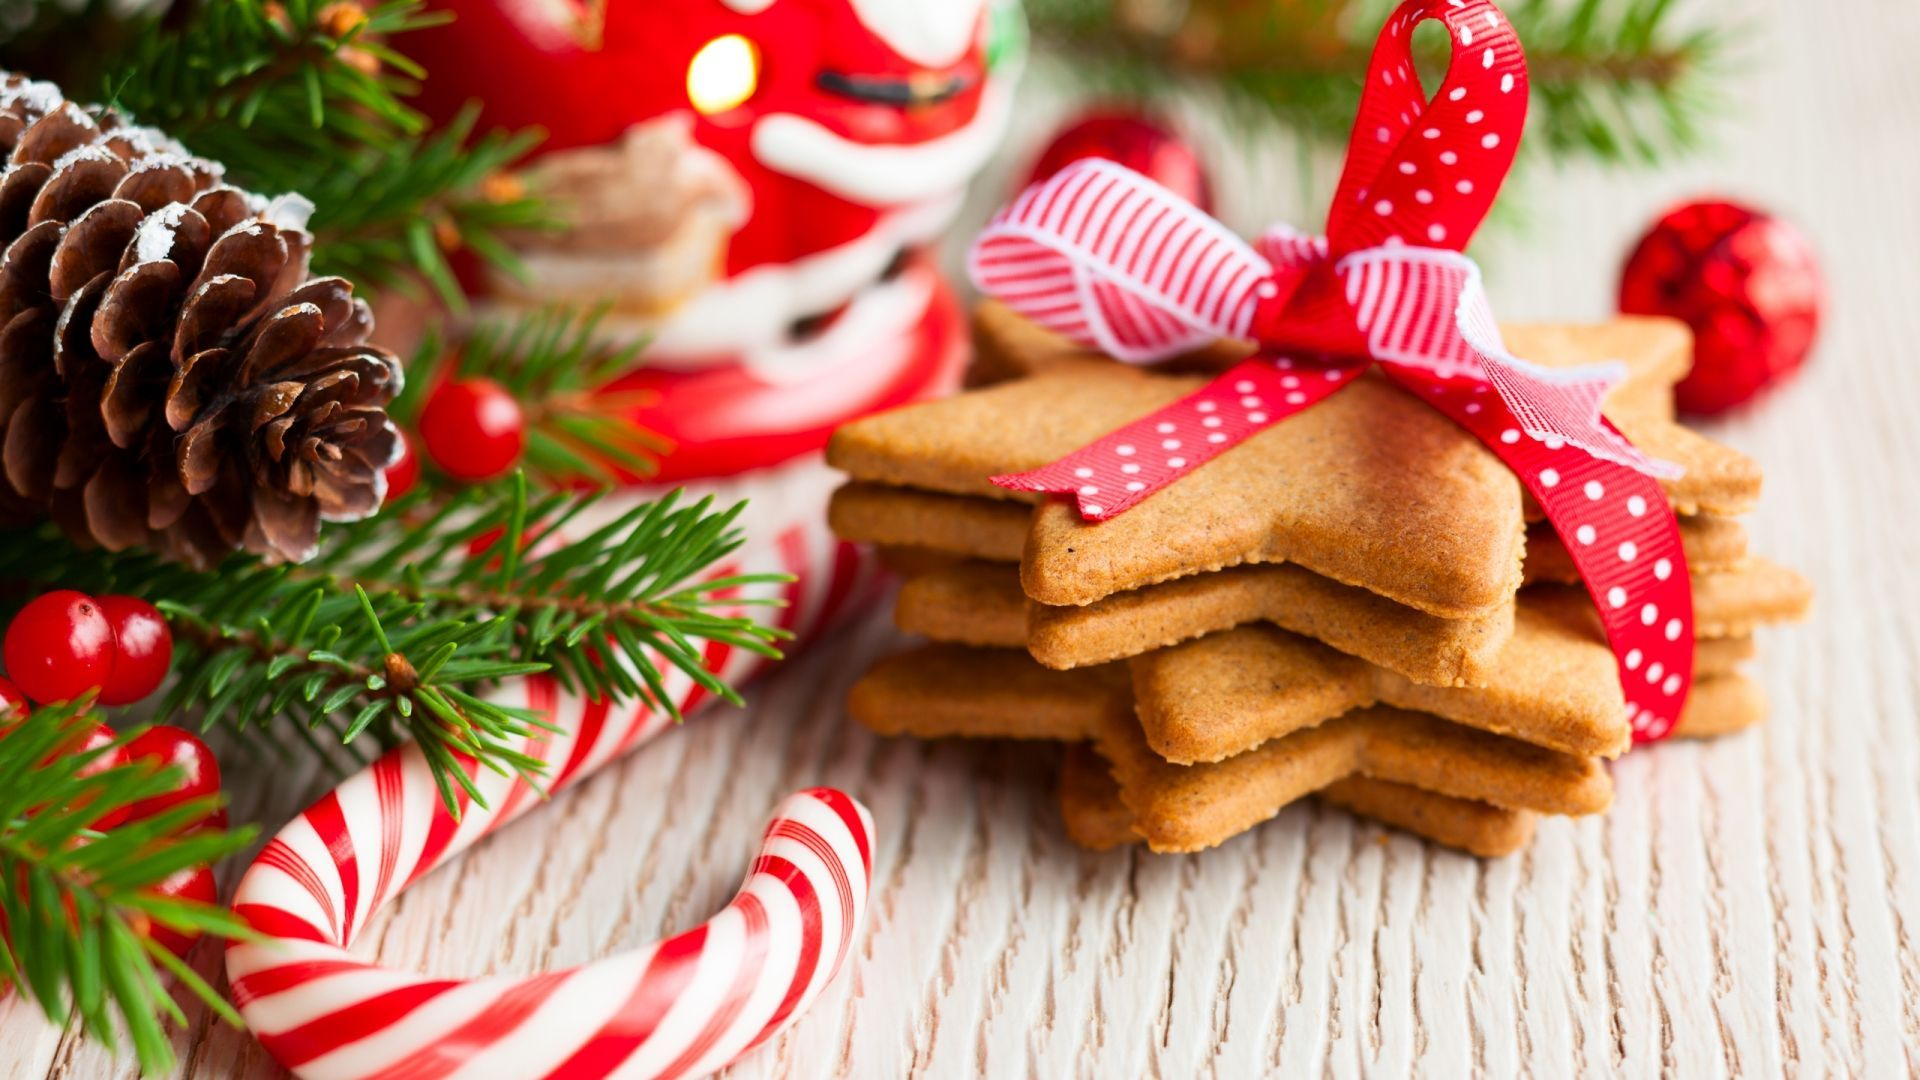 Christmas Cookies Wallpapers - Top Free Christmas Cookies ...